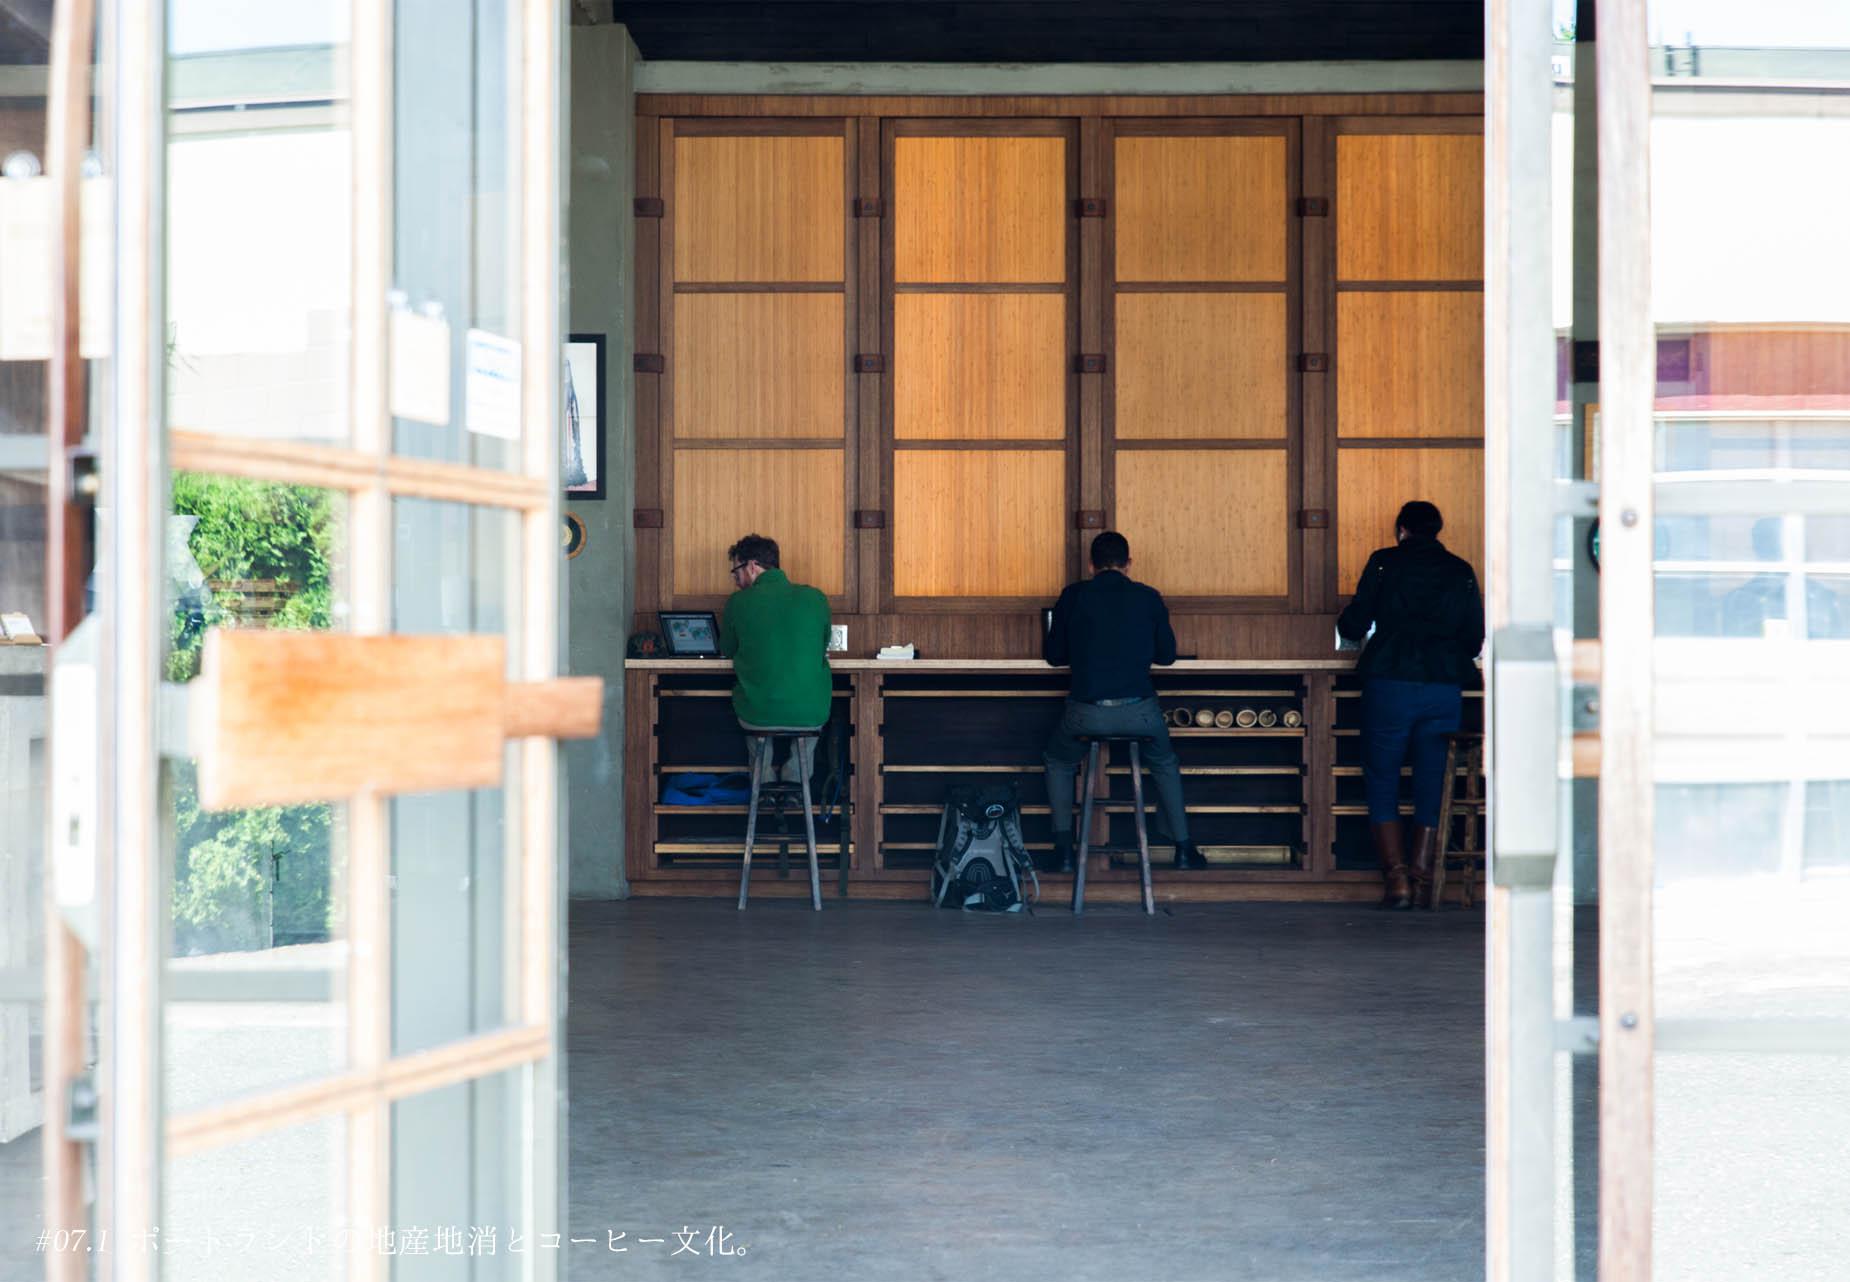 20150827_ポートランドの地産地消とコーヒー文化1e